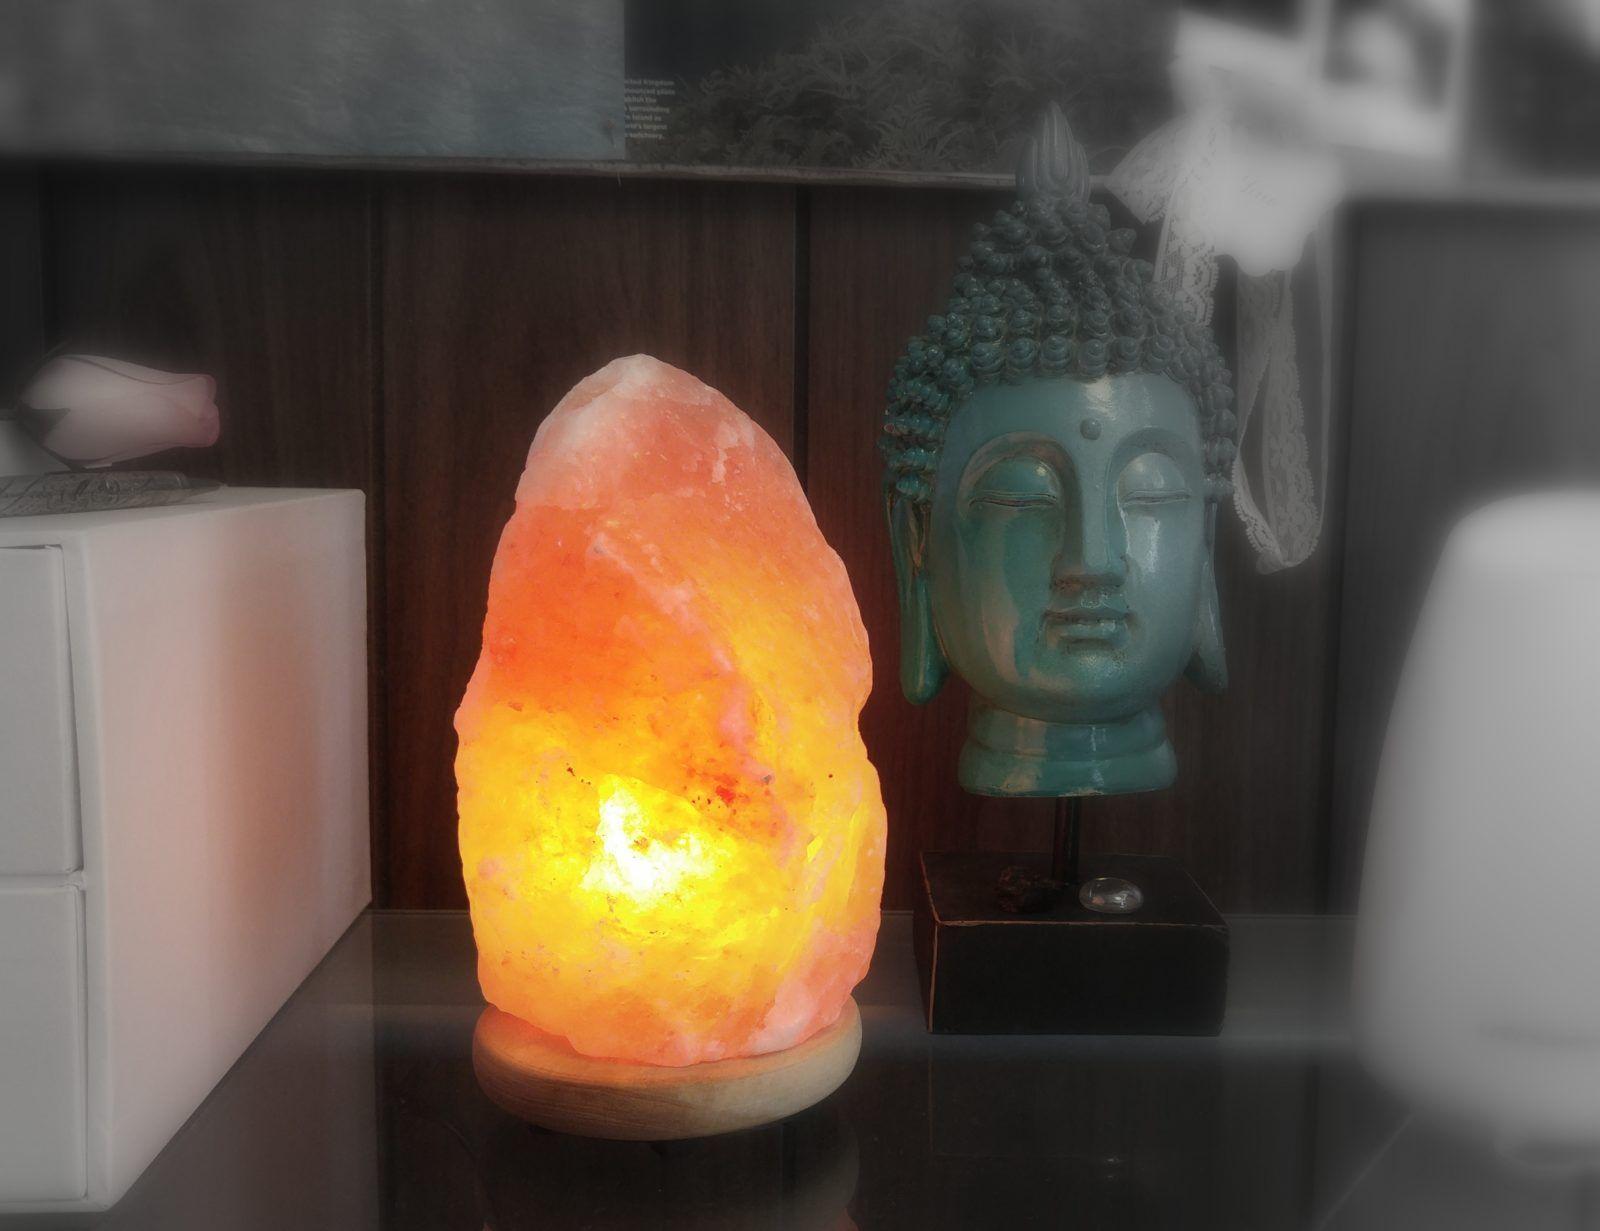 Salt lamps health benefits - Saltopia Himalayan Salt Lamp Review Find Out The Health Benefits On The Blog Now